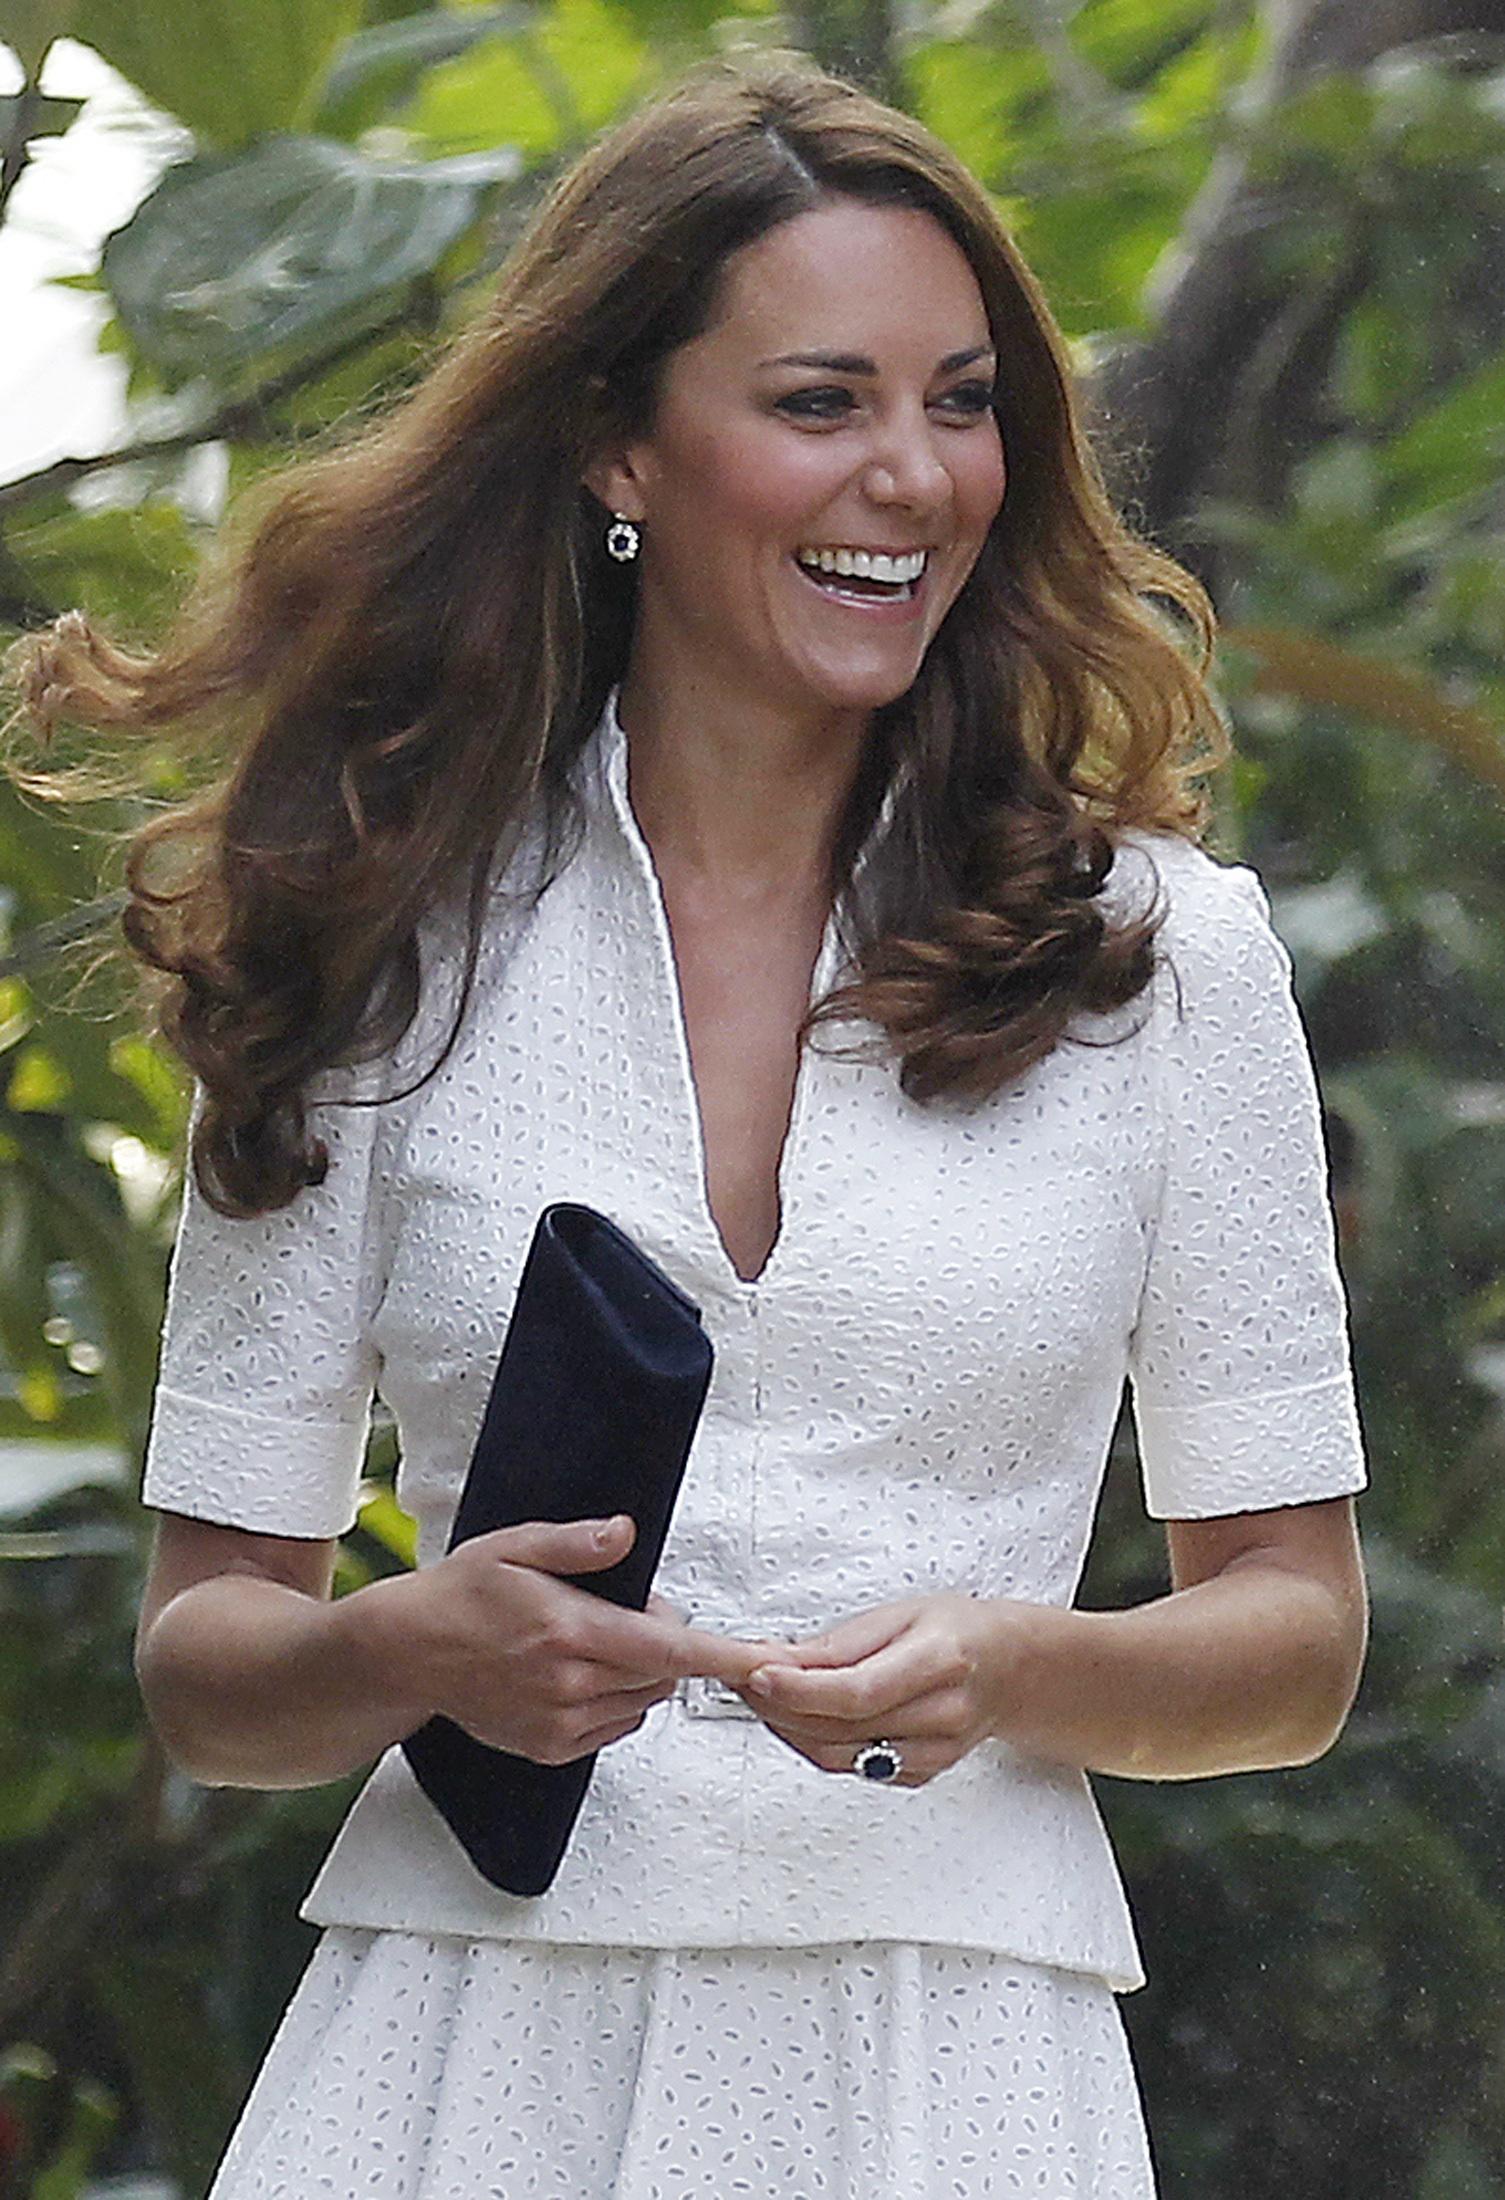 Public reaction to the Kate Middleton bottomless photos